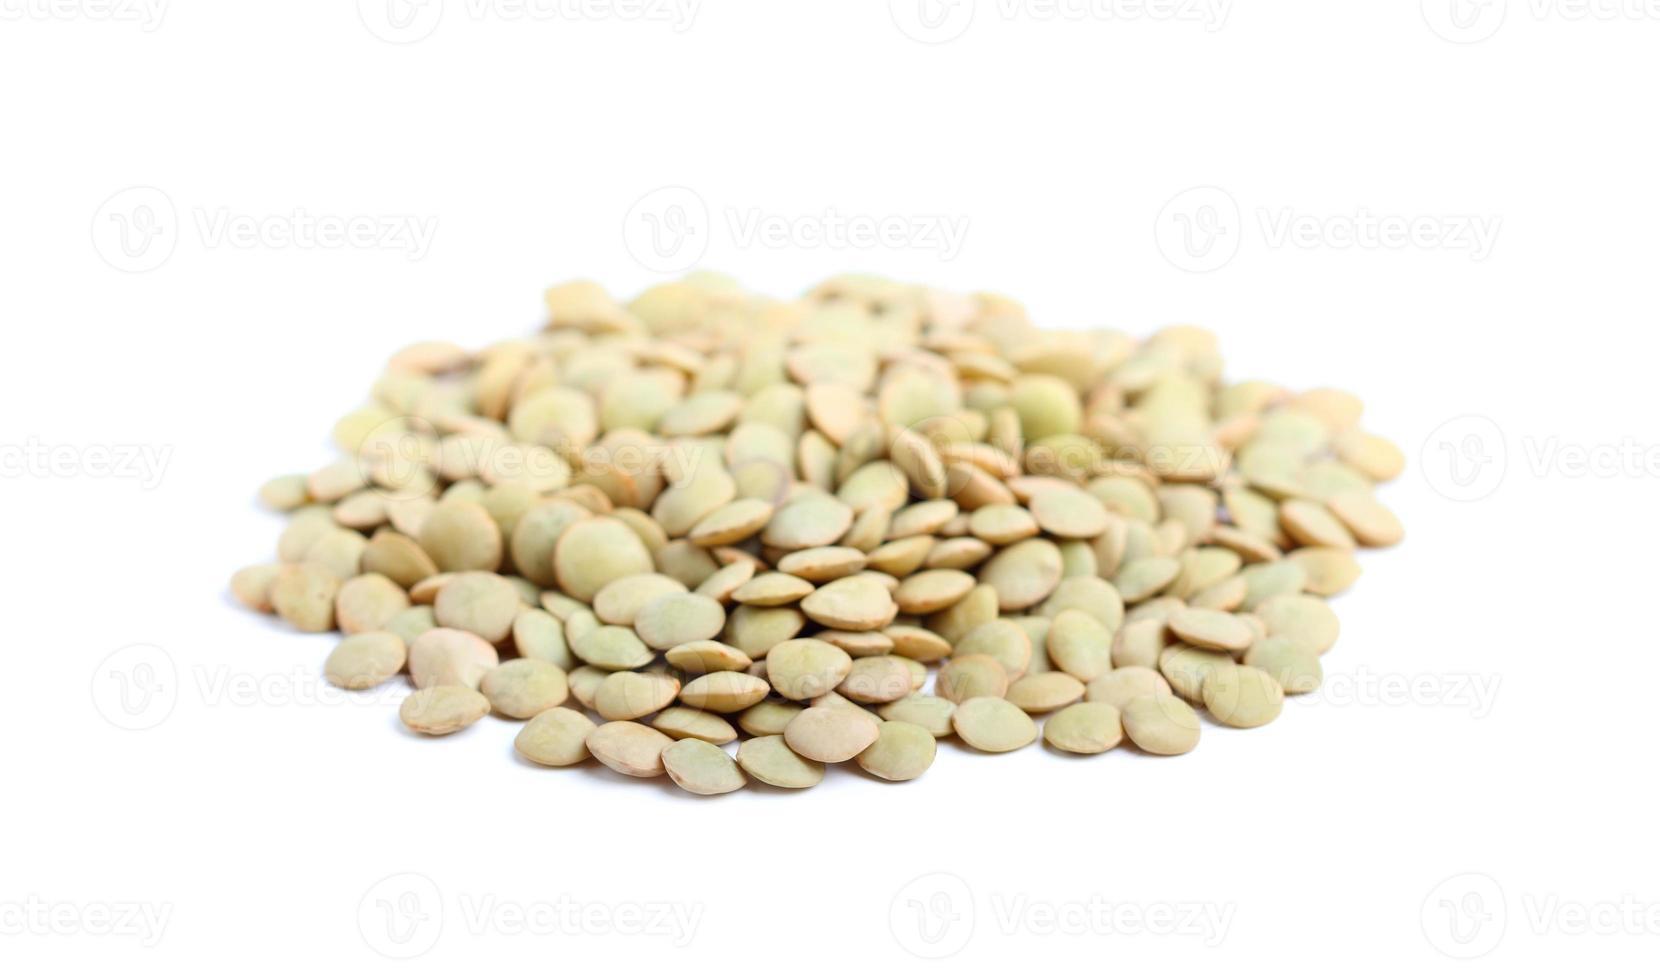 Dry lentil close-up. photo